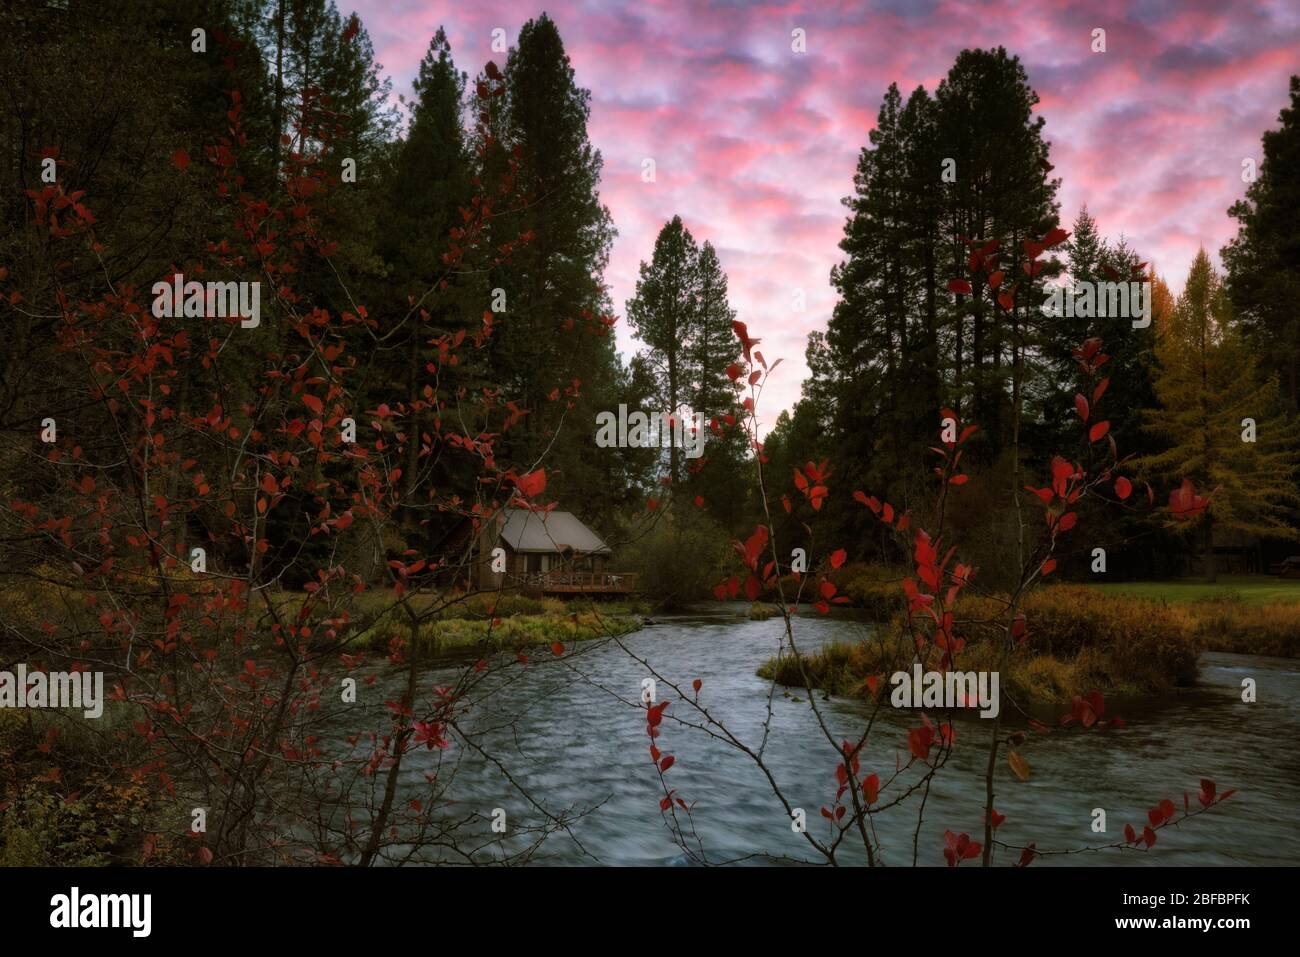 Tramonto autunnale sul fiume Metolius a Camp Sherman, nella Jefferson County dell'Oregon centrale. Foto Stock